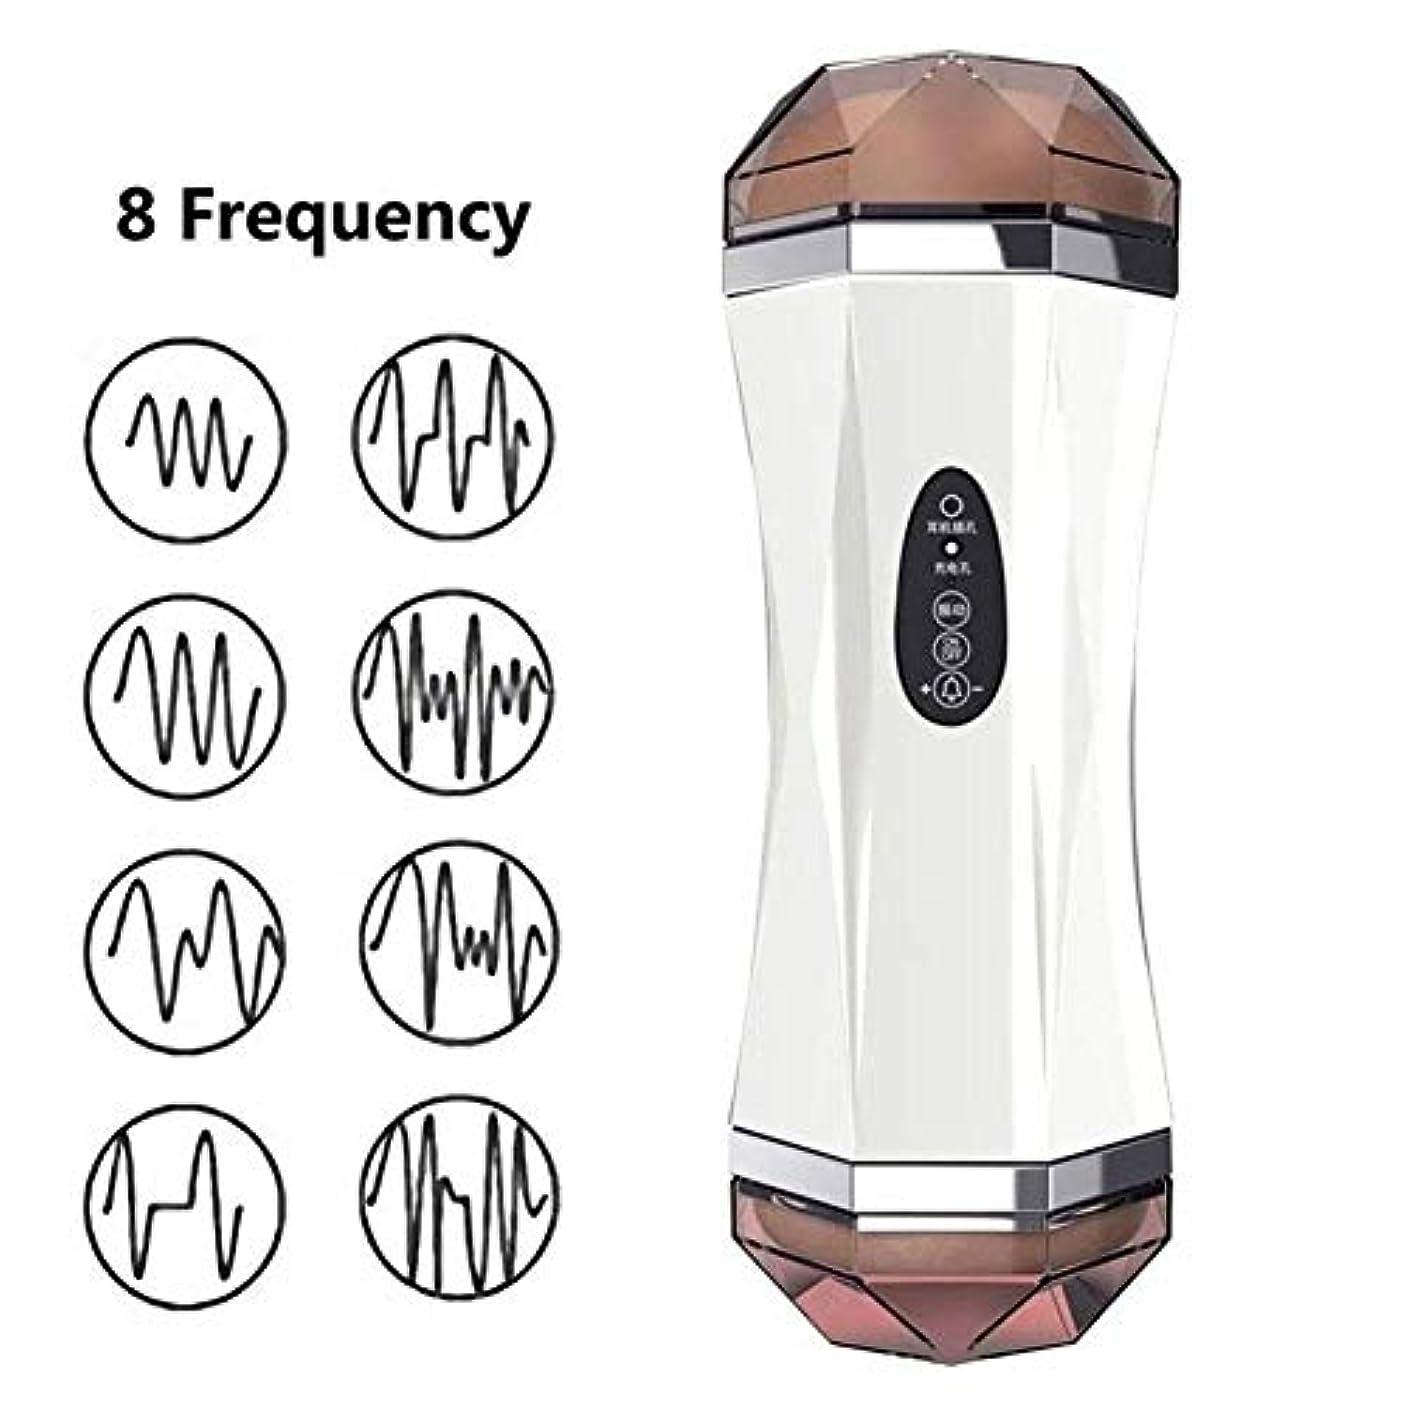 小麦粉気付く命令Jrtie-白人男性Tシャツ8スピードオーラルカップVǐbrǎtiǒnSix Toys Sckck Endless Pleasure Voice Interactive with Headphone Mode